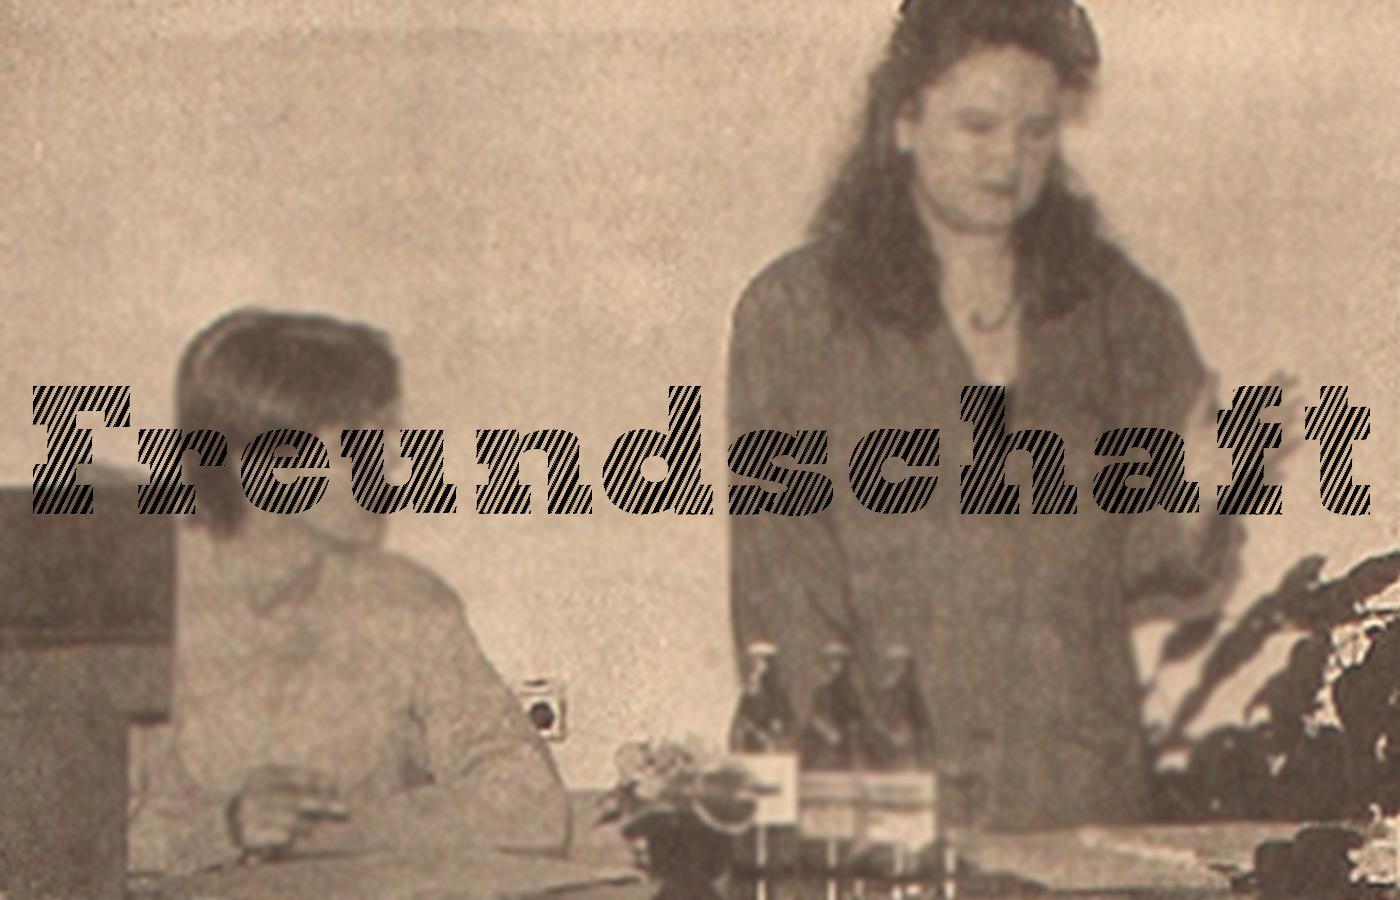 По страницам «Freundschaft». № 11 от 16 марта 1997 г.